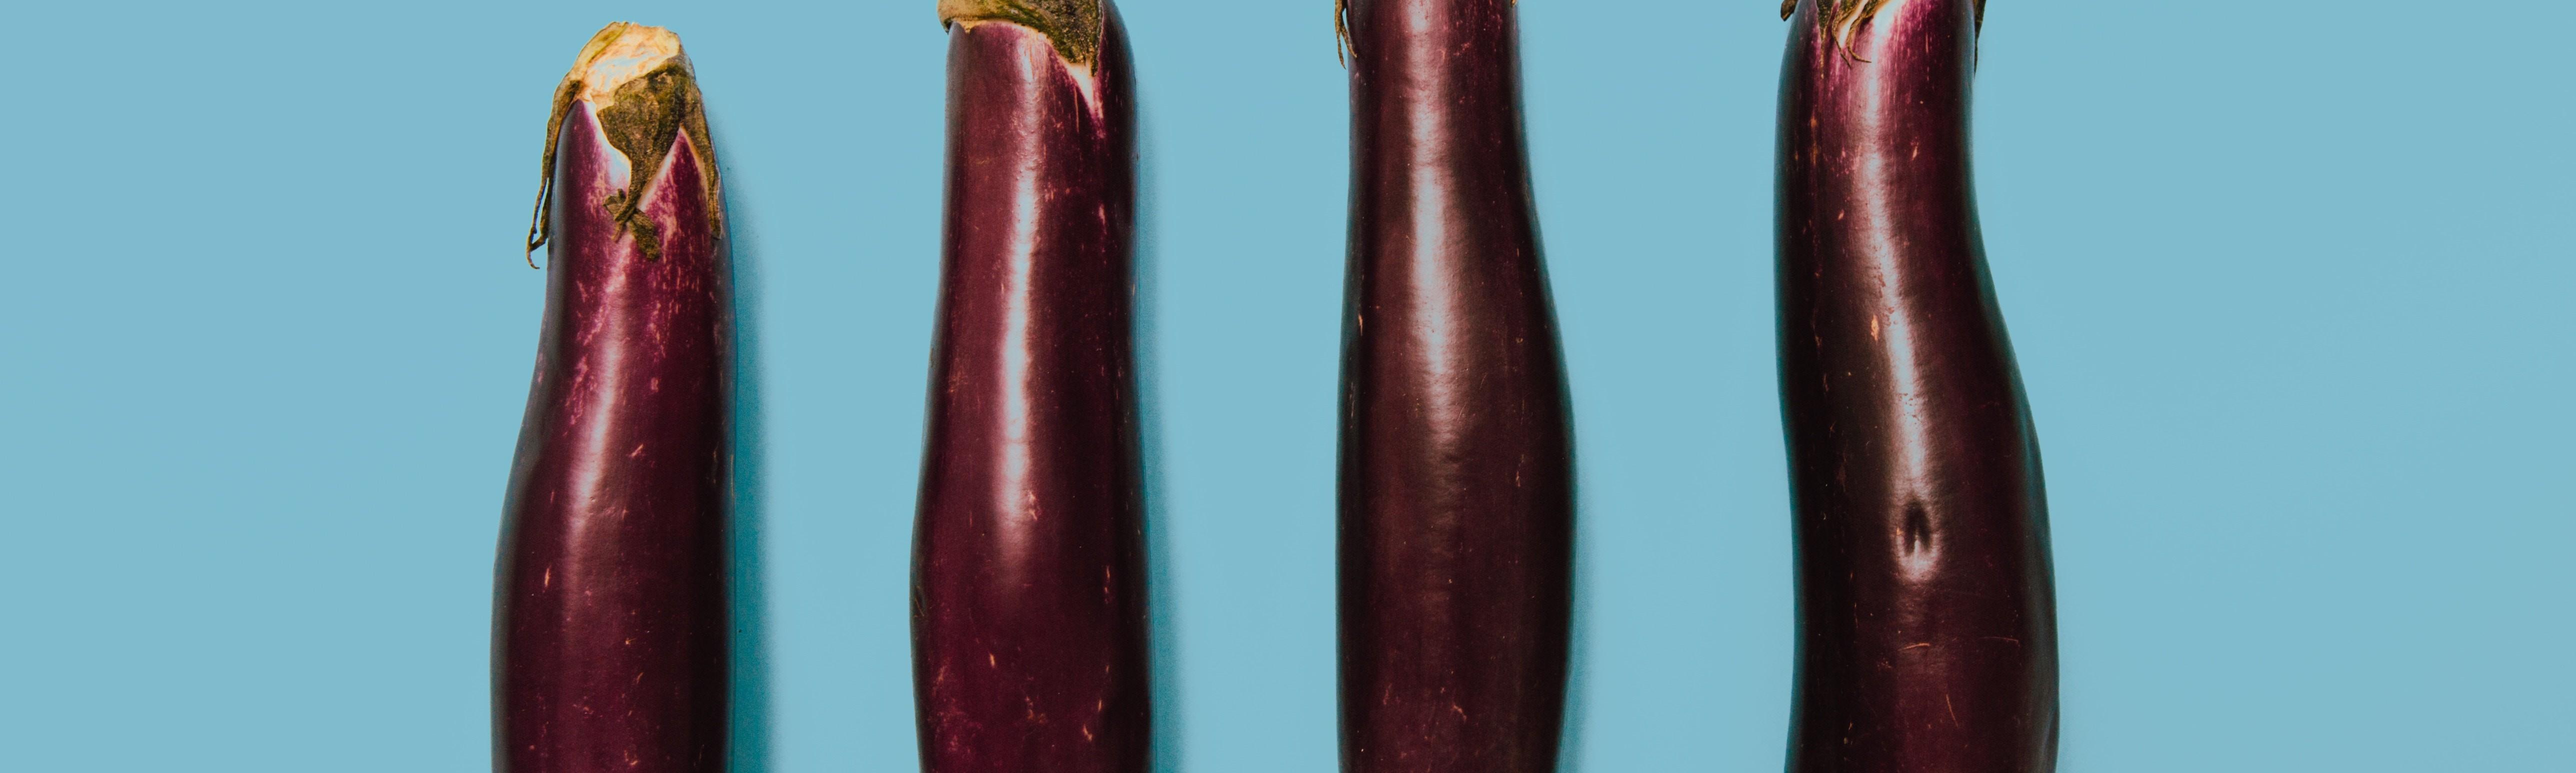 mega erecție weenie în formă de penis